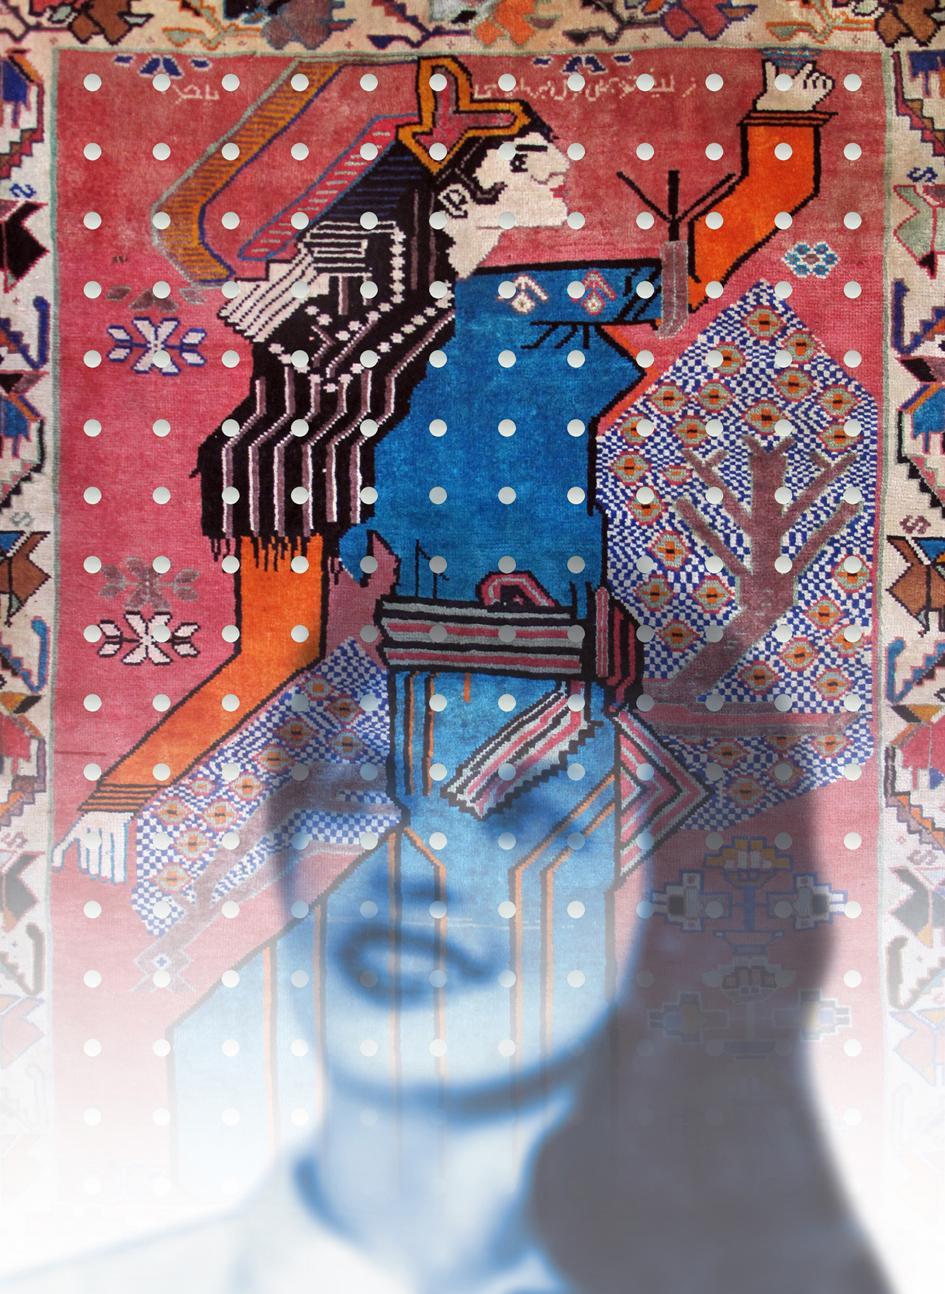 Samira Alikhnzadeh art fair marbella 2018 sholeh abghari art gallery